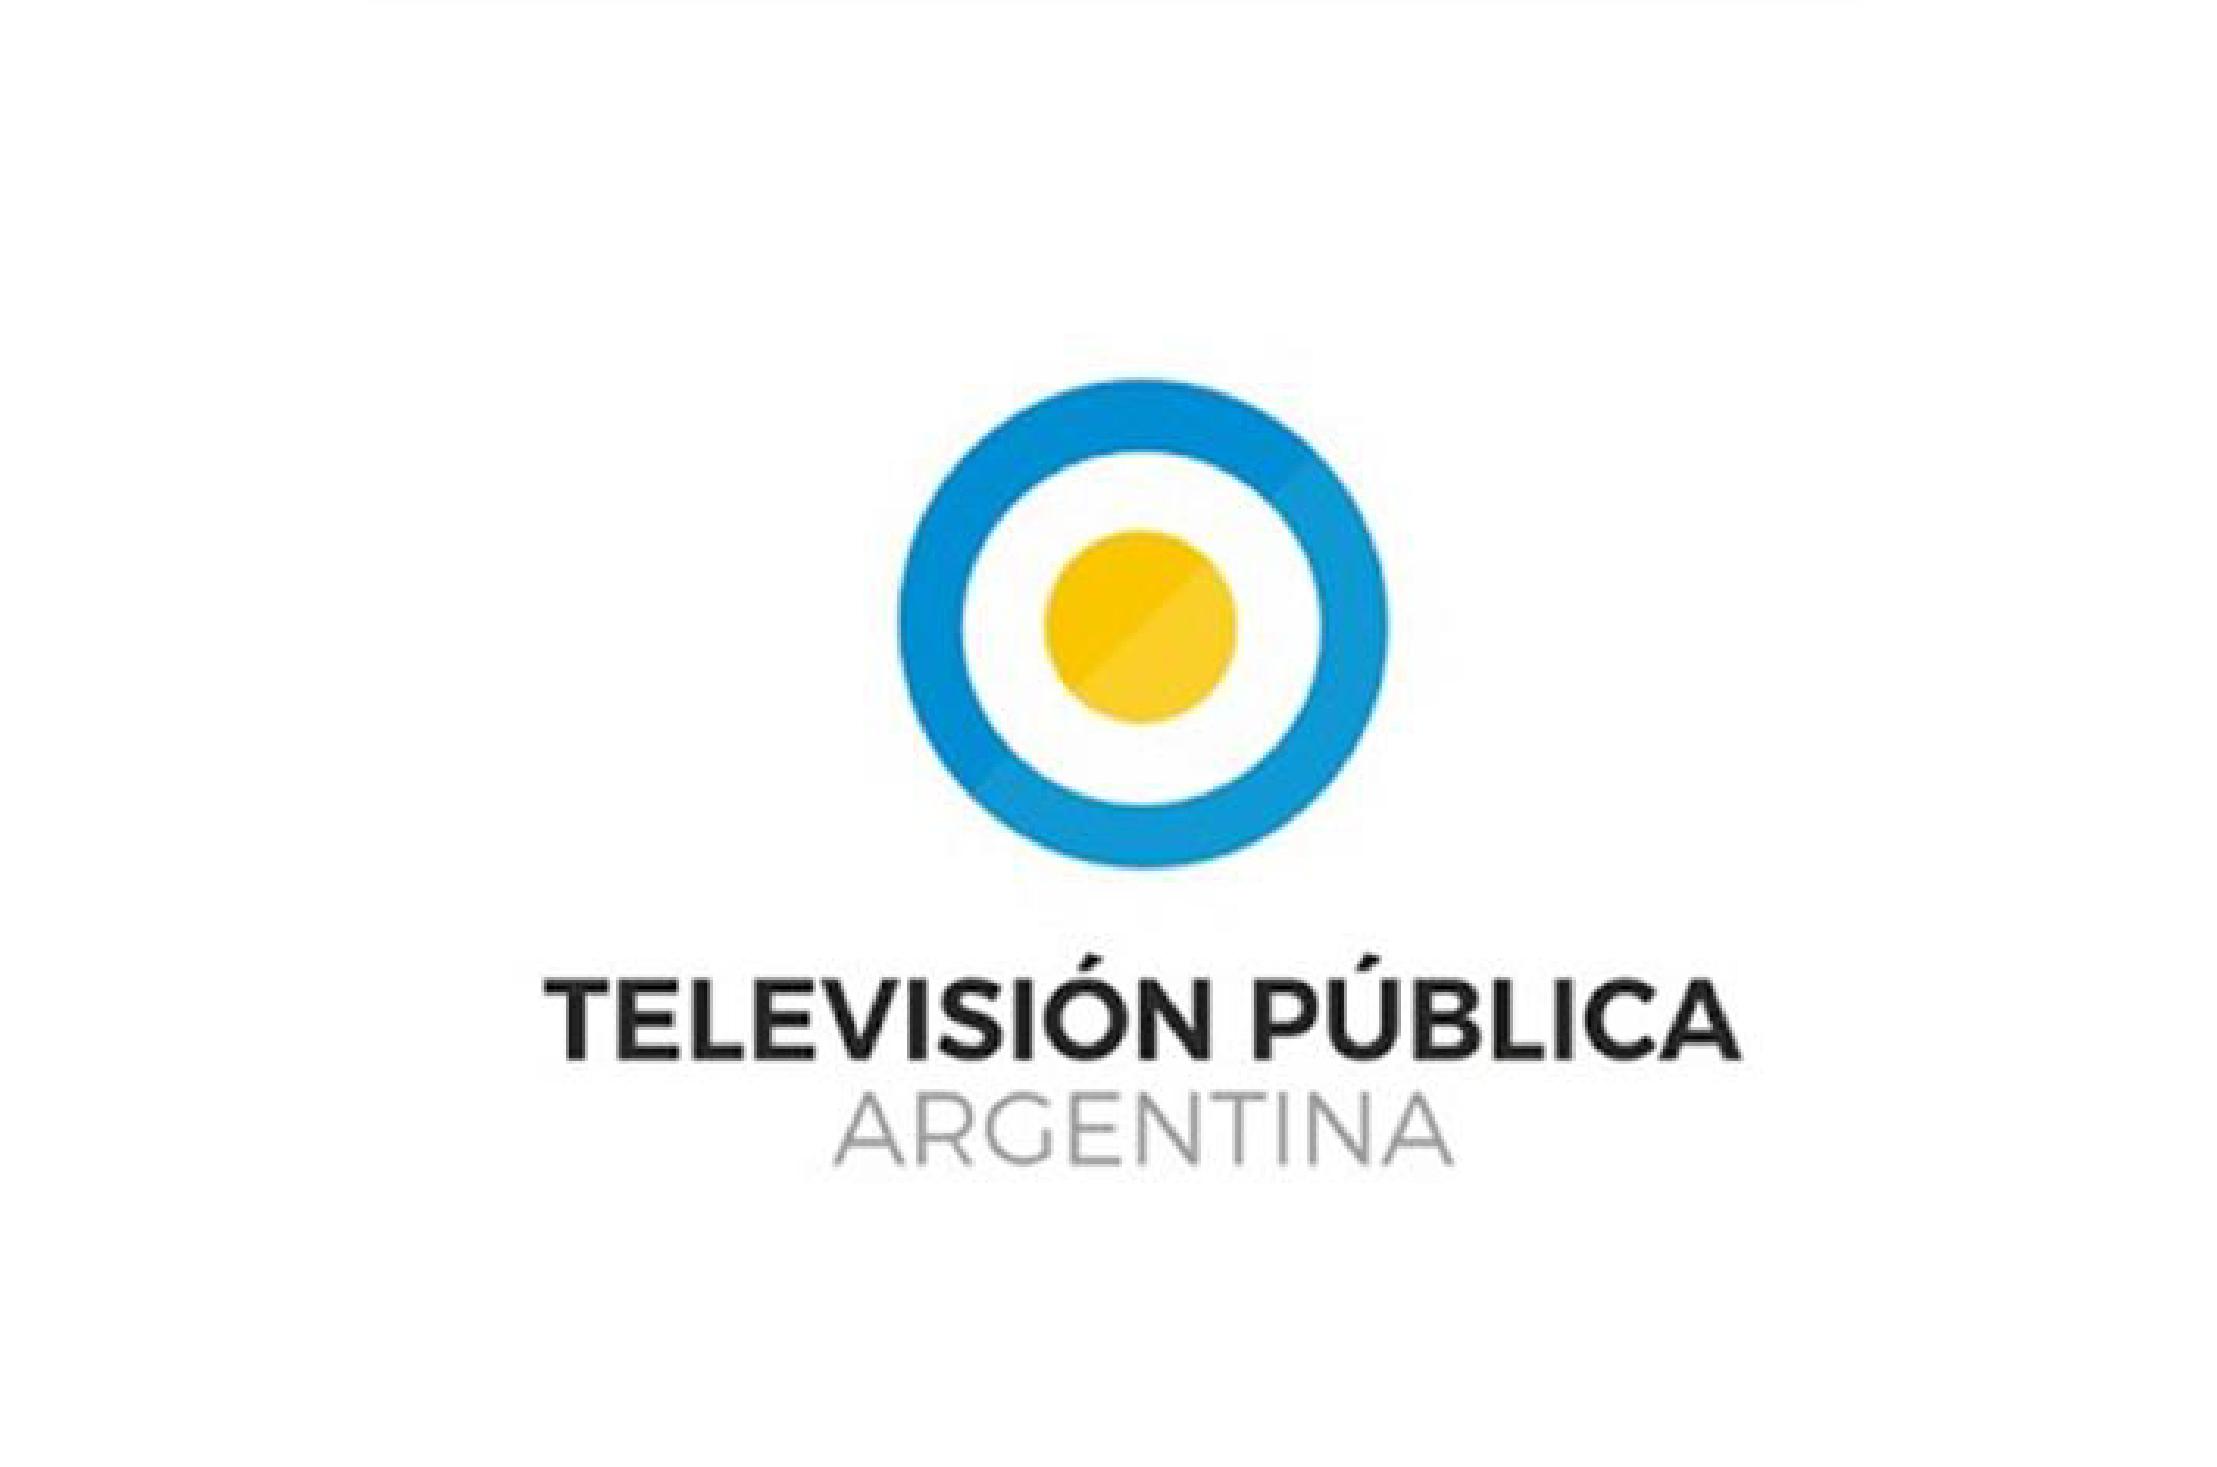 Participación del Dr. Bekinschtein en la Televisión Pública